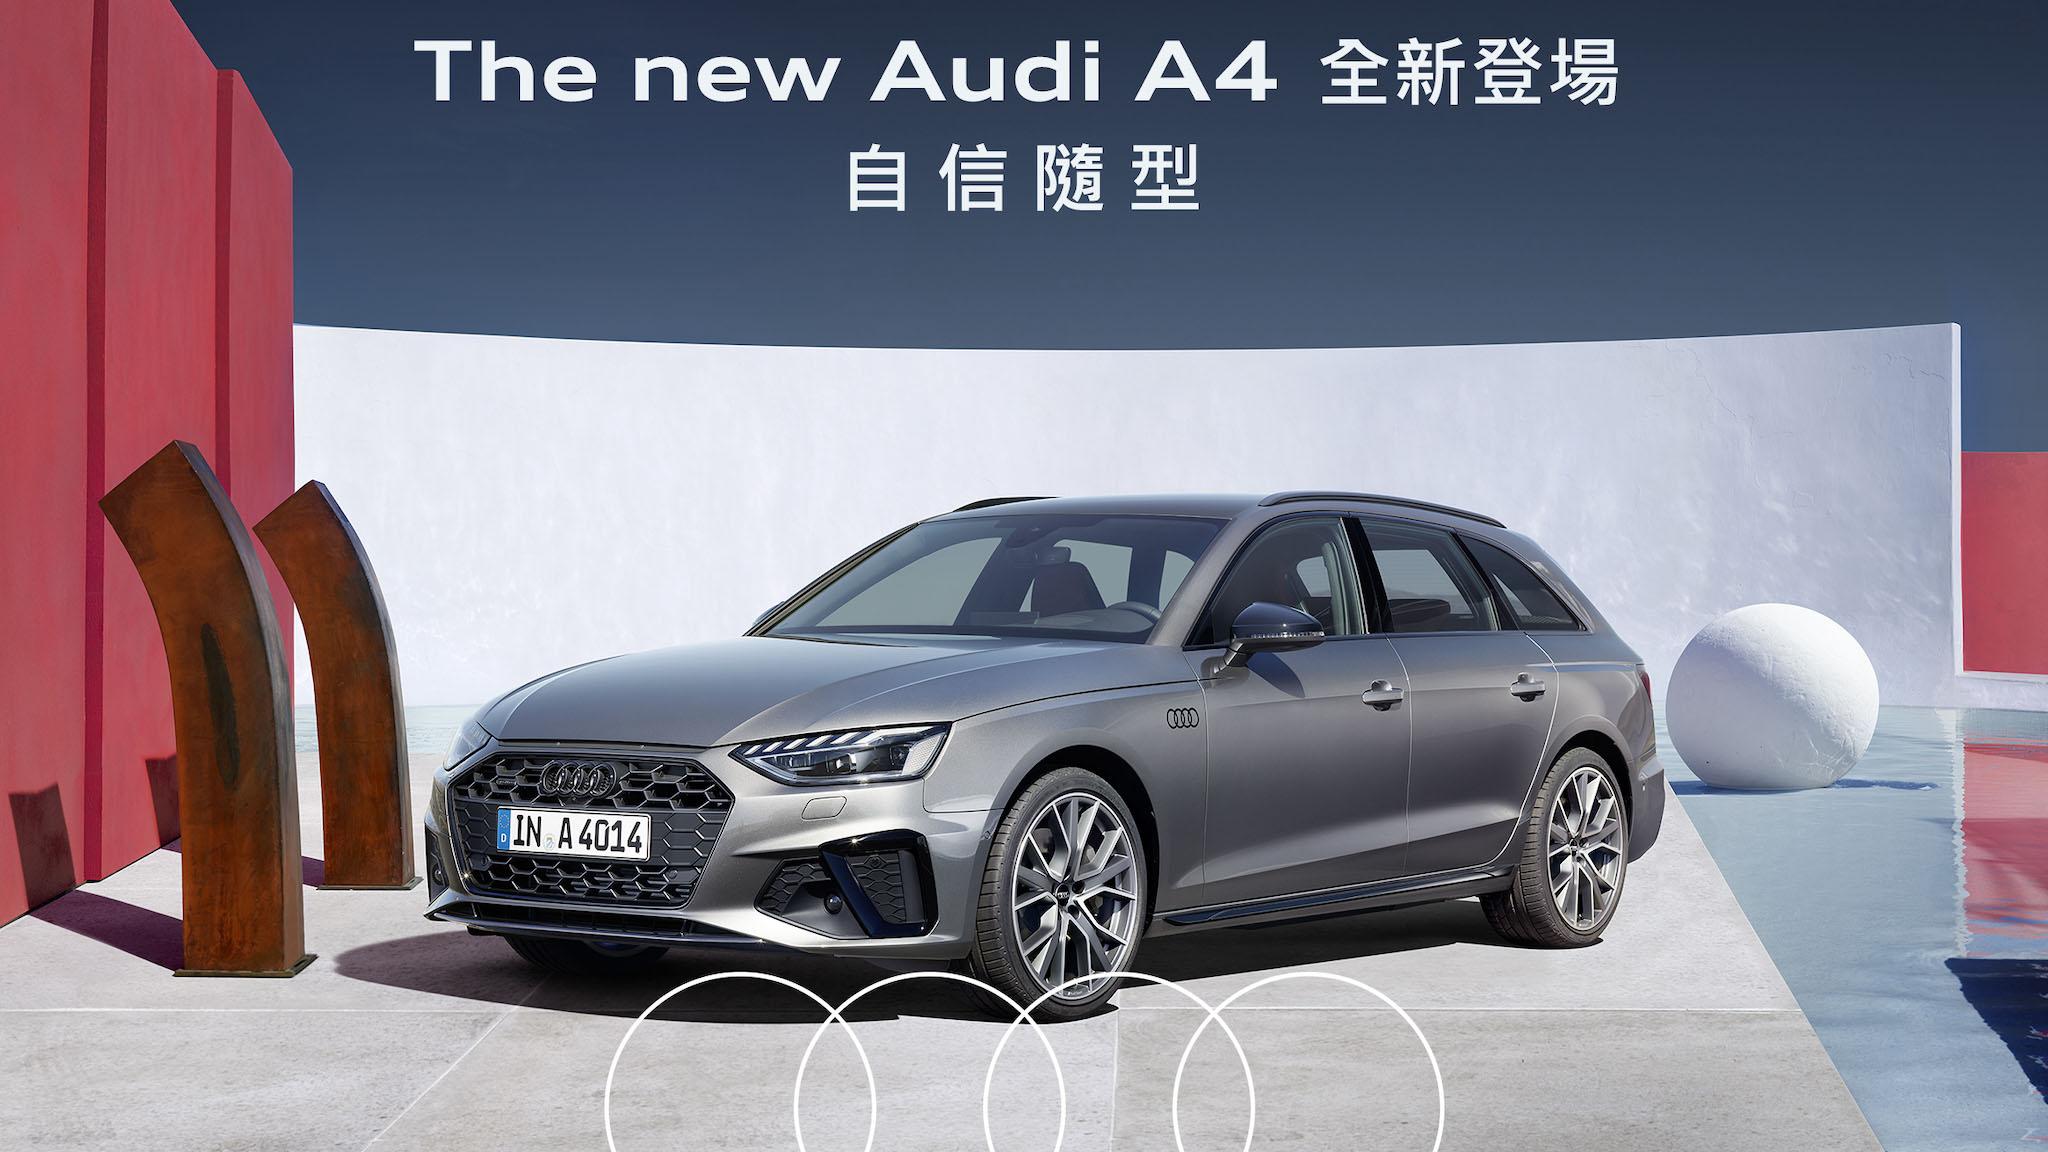 全新 Audi A4 206 萬起正式發售,RS 4 Avant 499 萬同步登場